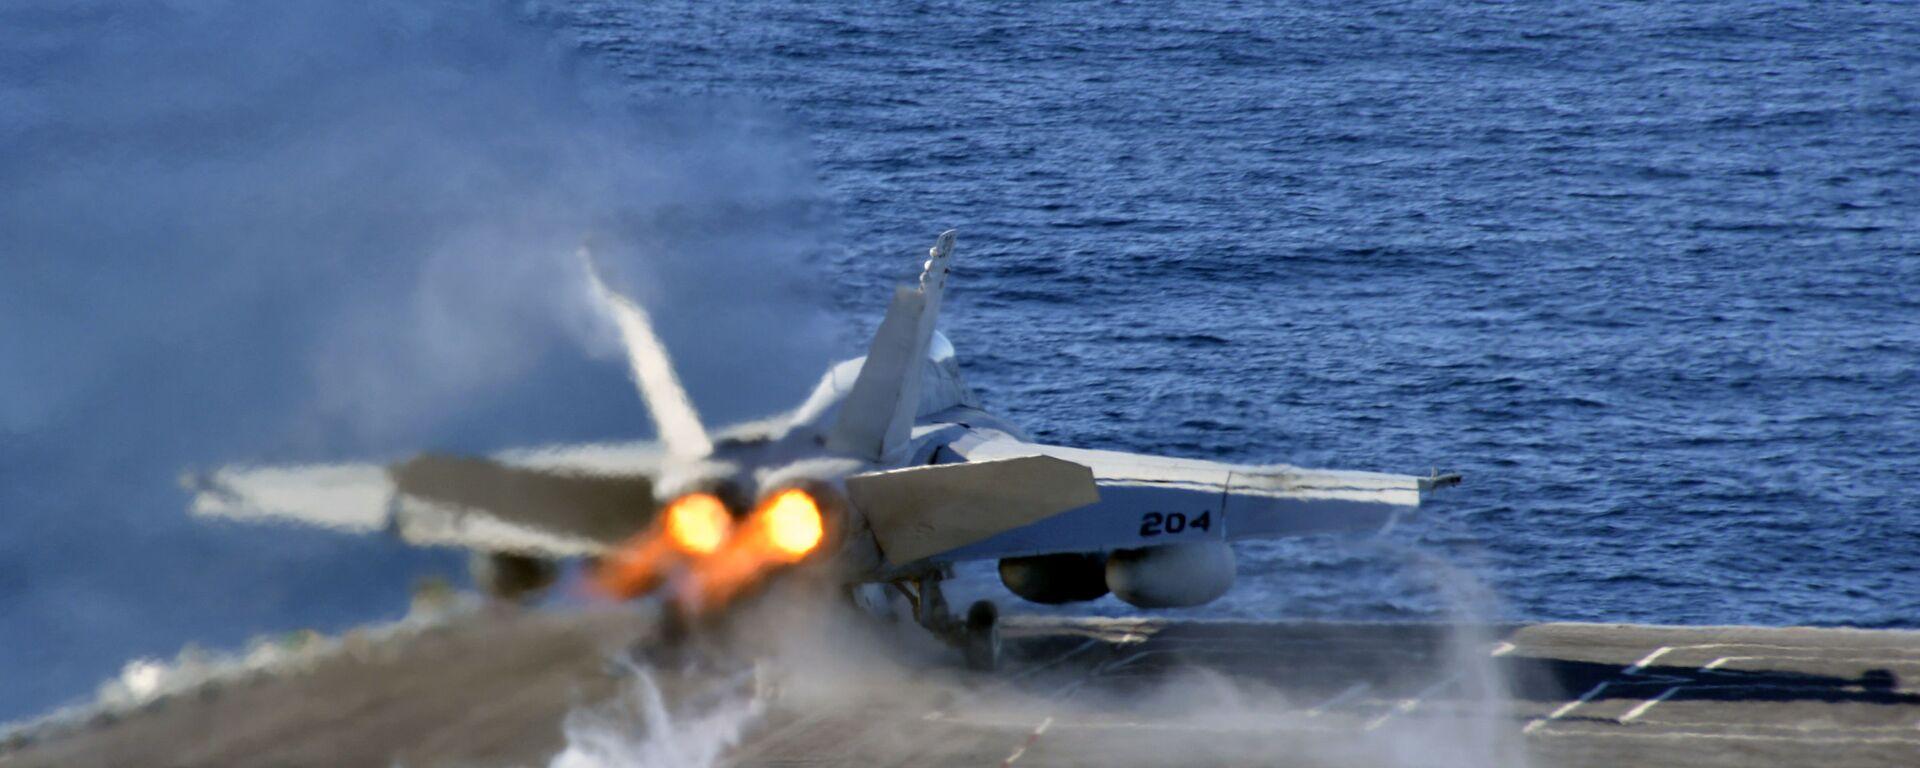 Авион F/A-18E Super Hornet полеће са носача авиона Нимиц америчке ратне морнарице - Sputnik Србија, 1920, 04.07.2021